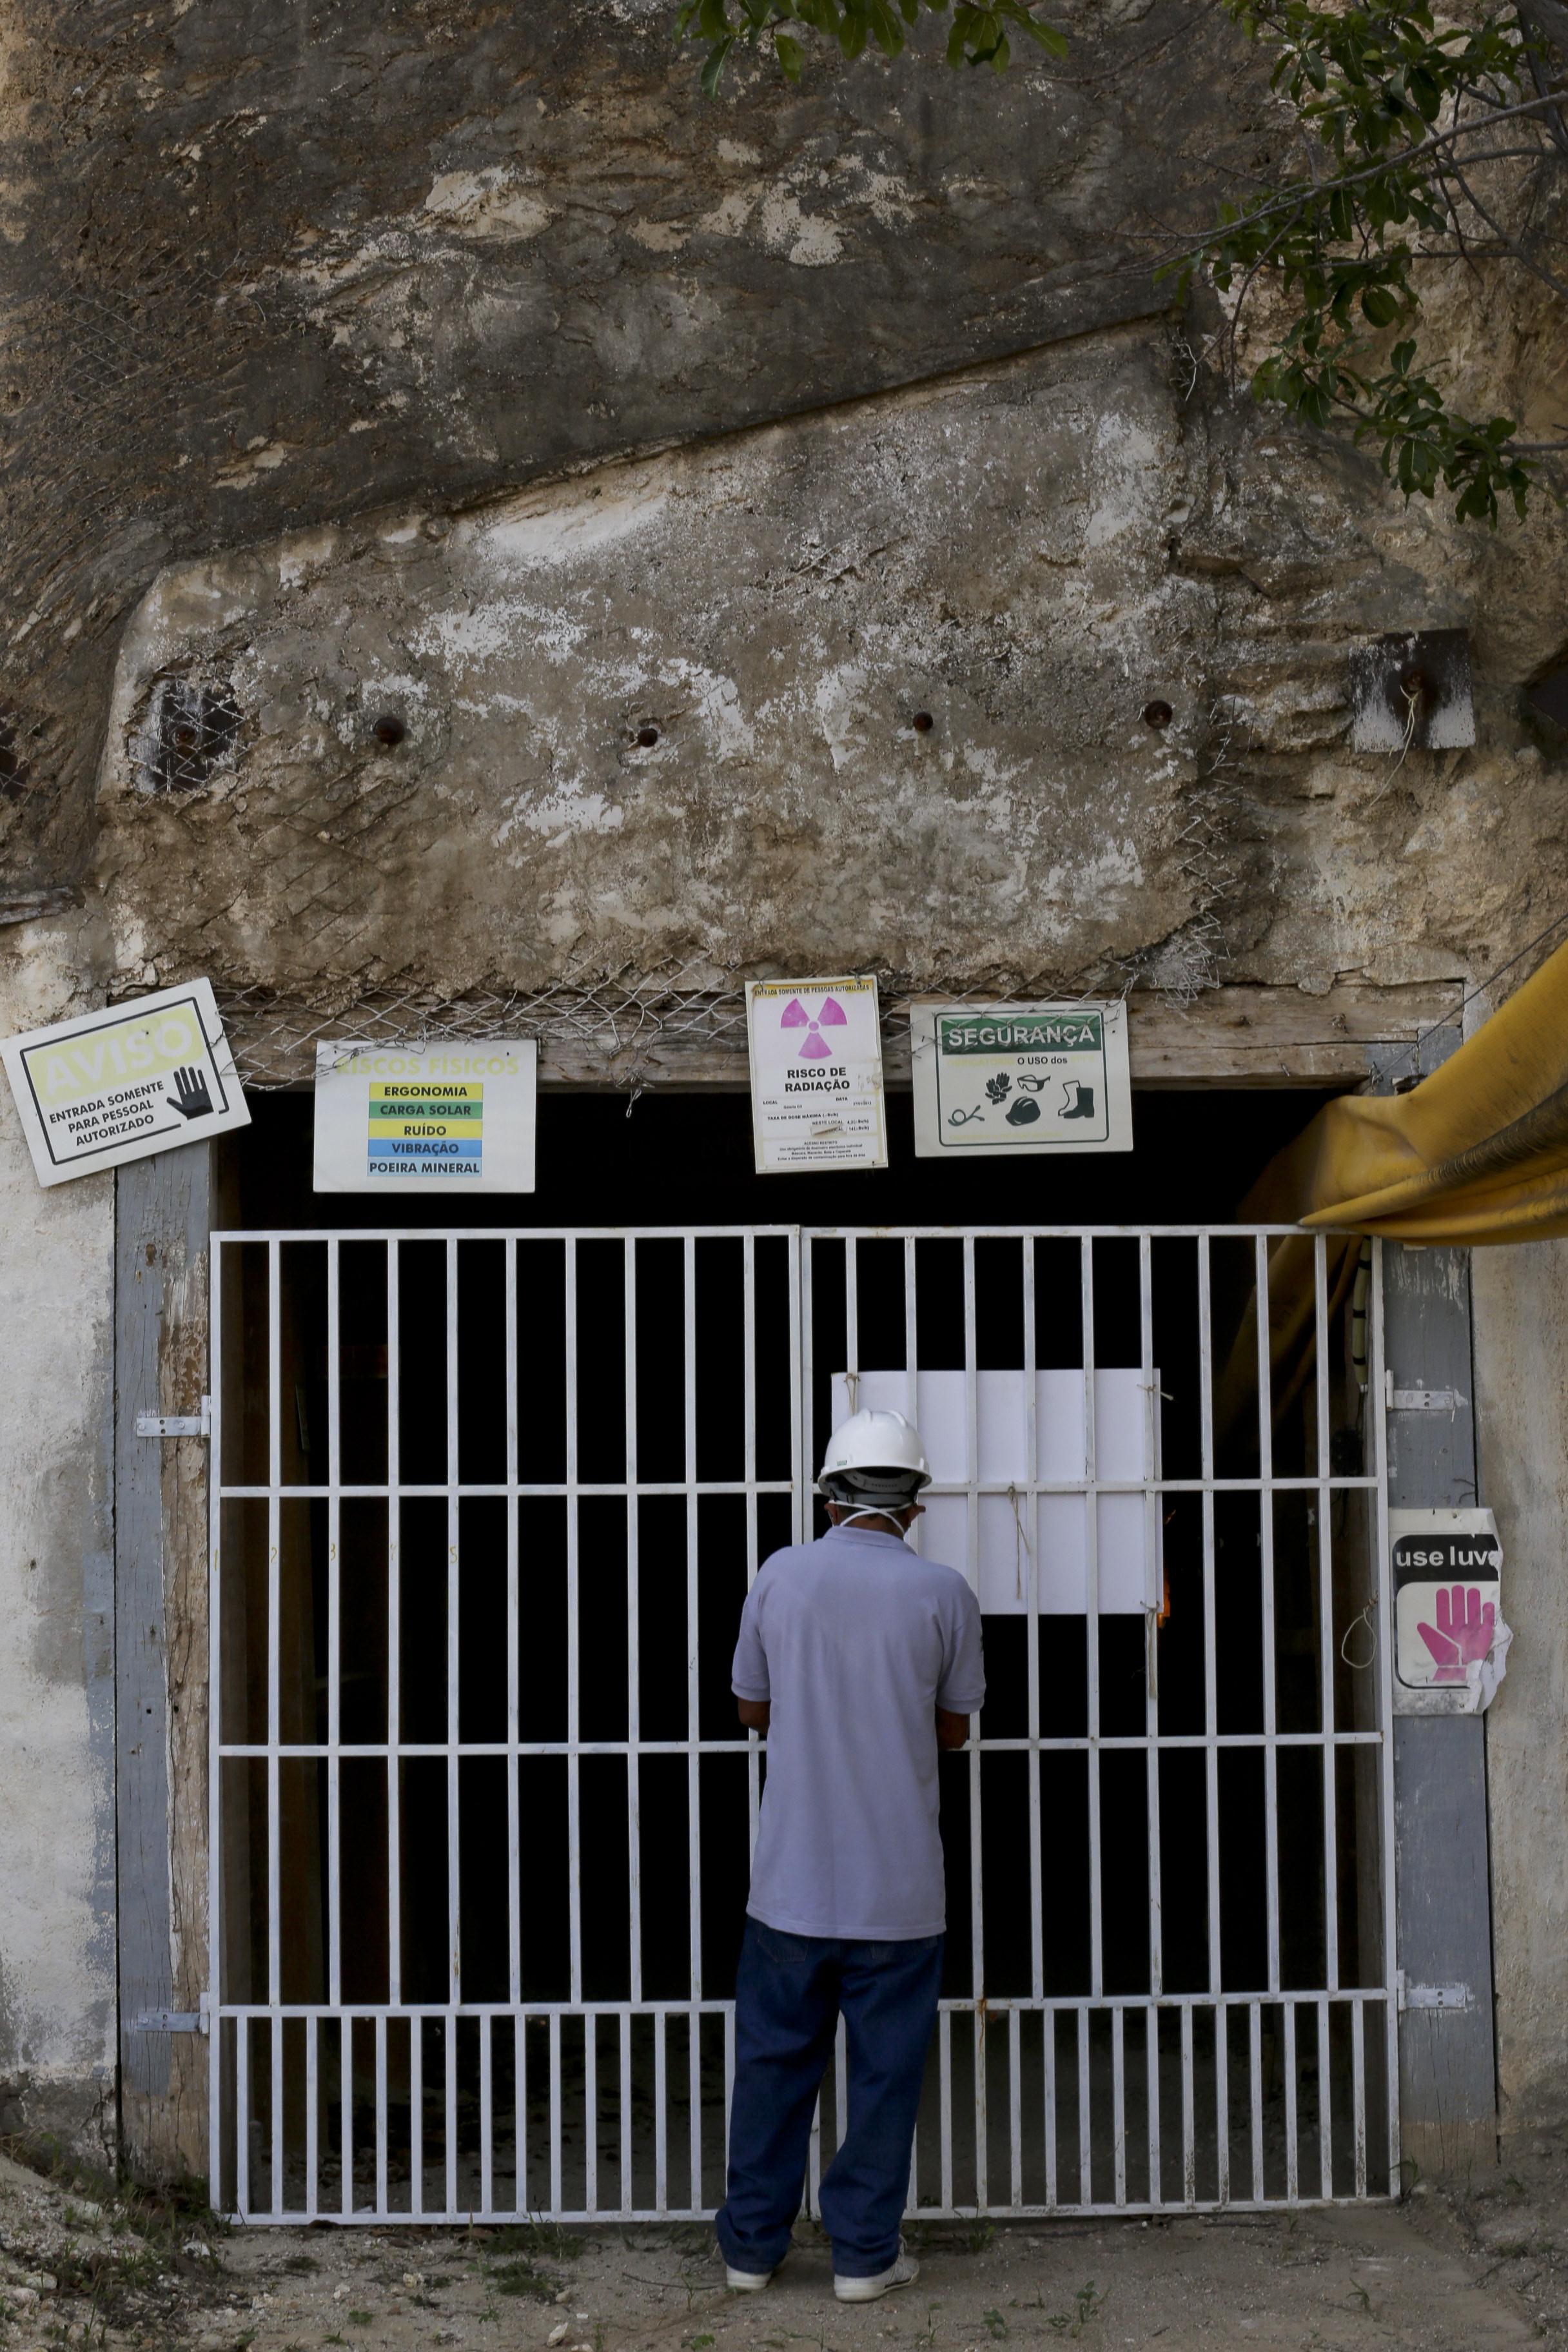 (Foto: O POVO)SANTA QUITÉRIA, CE, BRASIL, 20-07-2015: Antônio Dias Gomes, 54, funcionário na entrada da mina de urânio e fosfato de Itataia. Mina de urânio (minério) em Santa Quitéria. (Foto: Fábio Lima/O POVO)